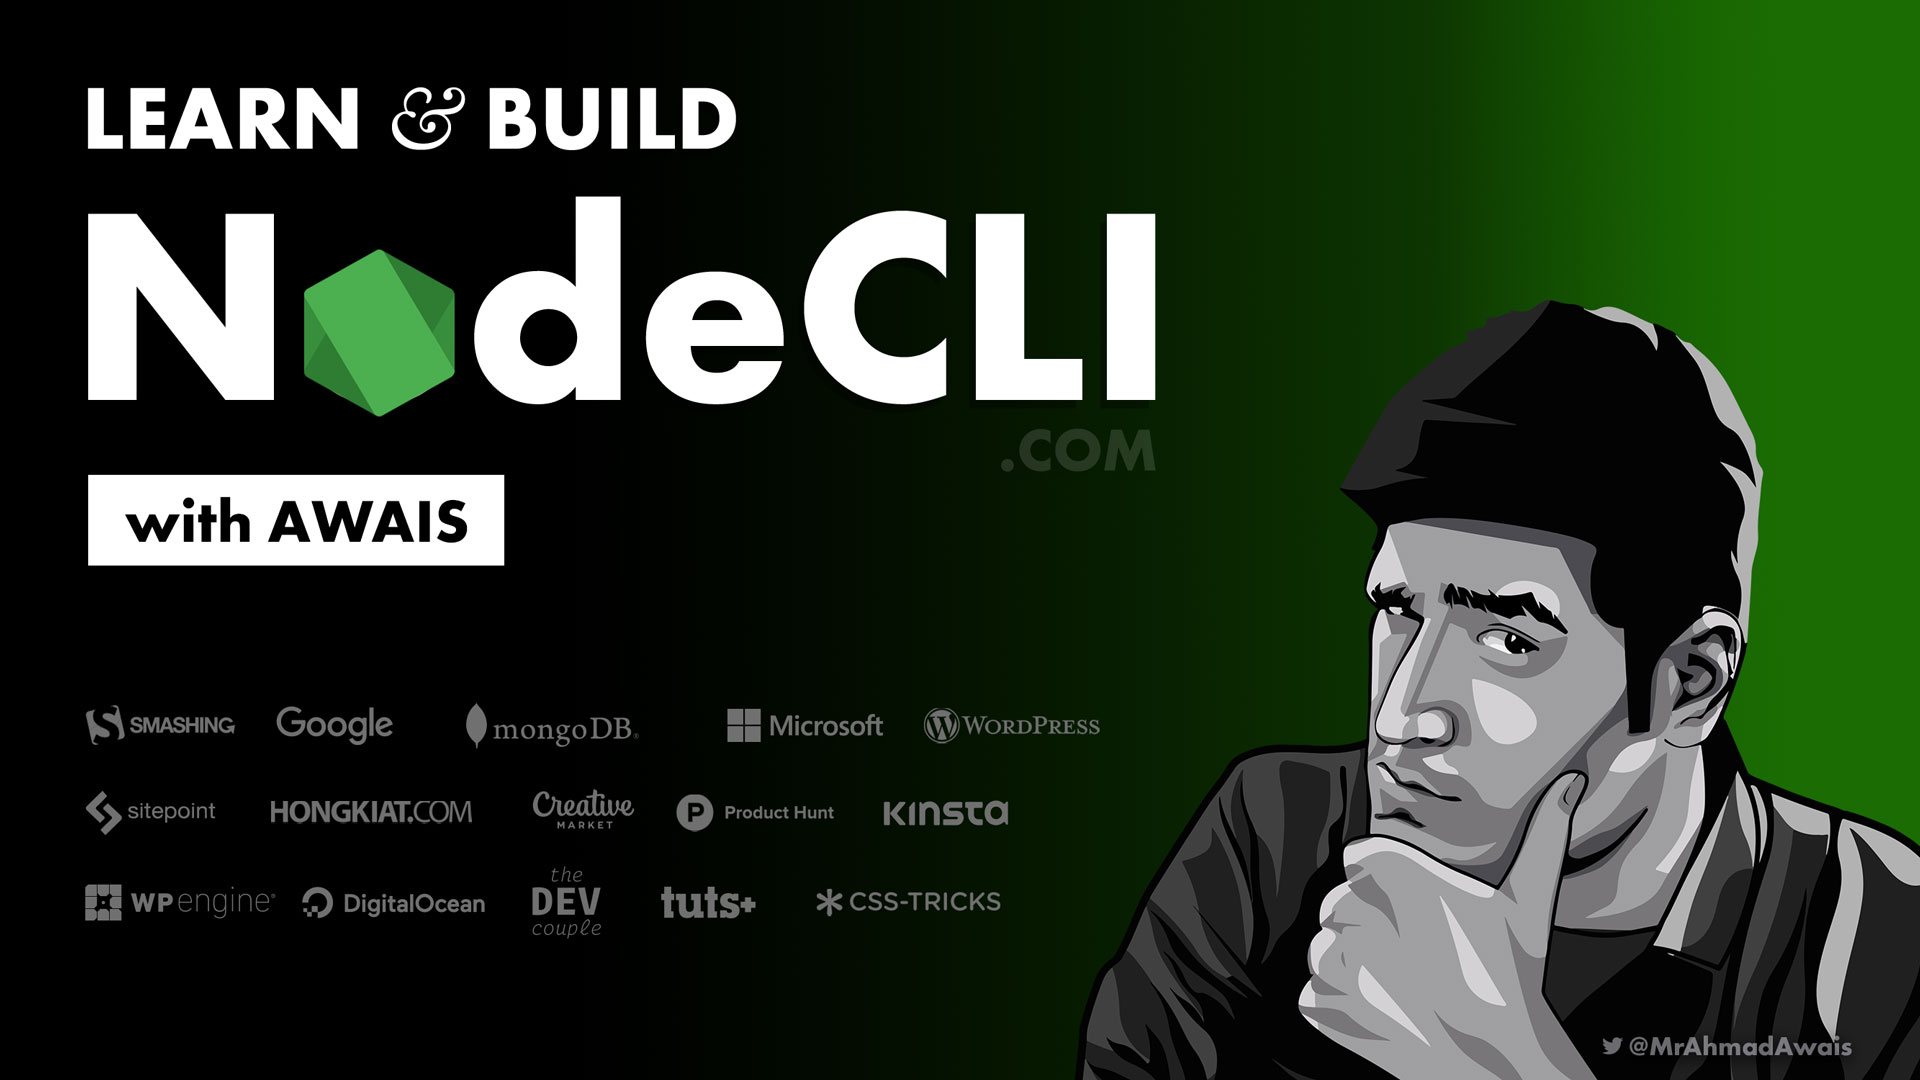 NodeCLI.com